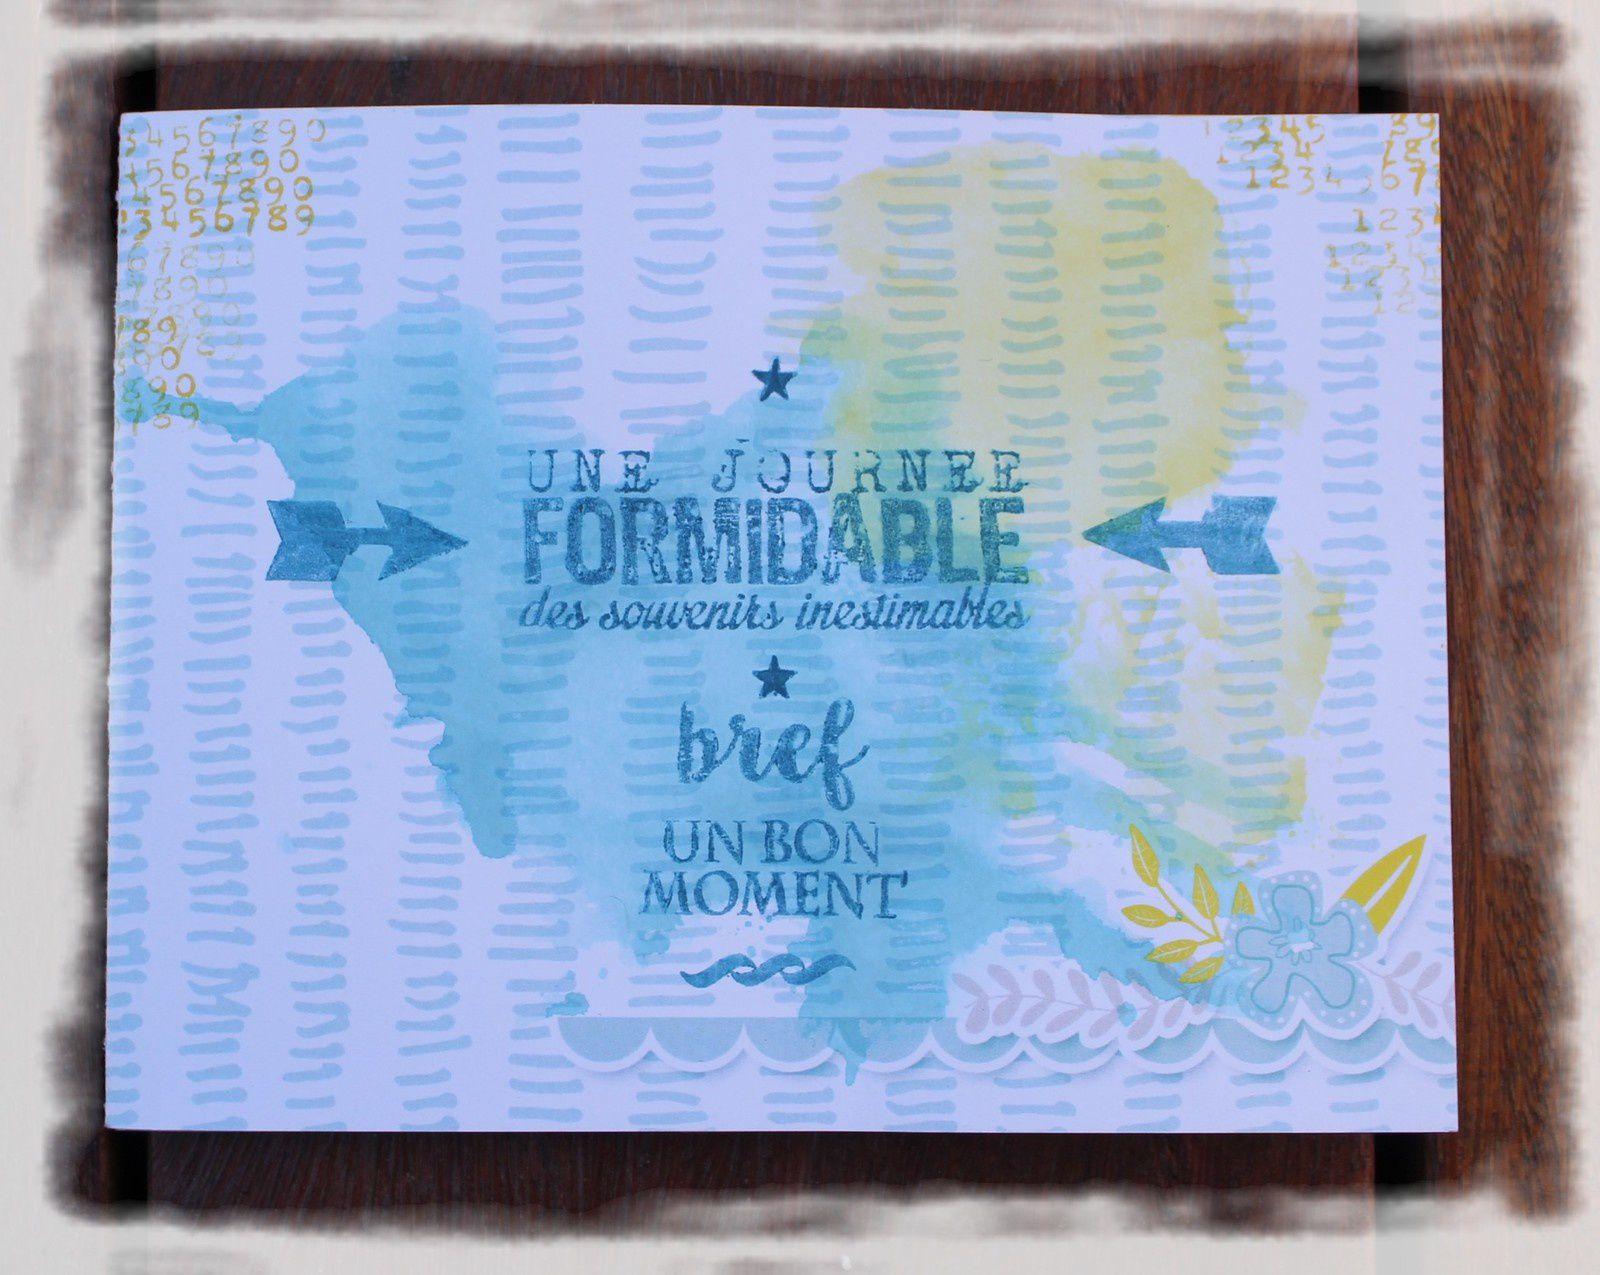 les tâches jaune et bleu sont faites avec un feutre Mémento et de l'eau, sur quasi toutes les pages de l'album